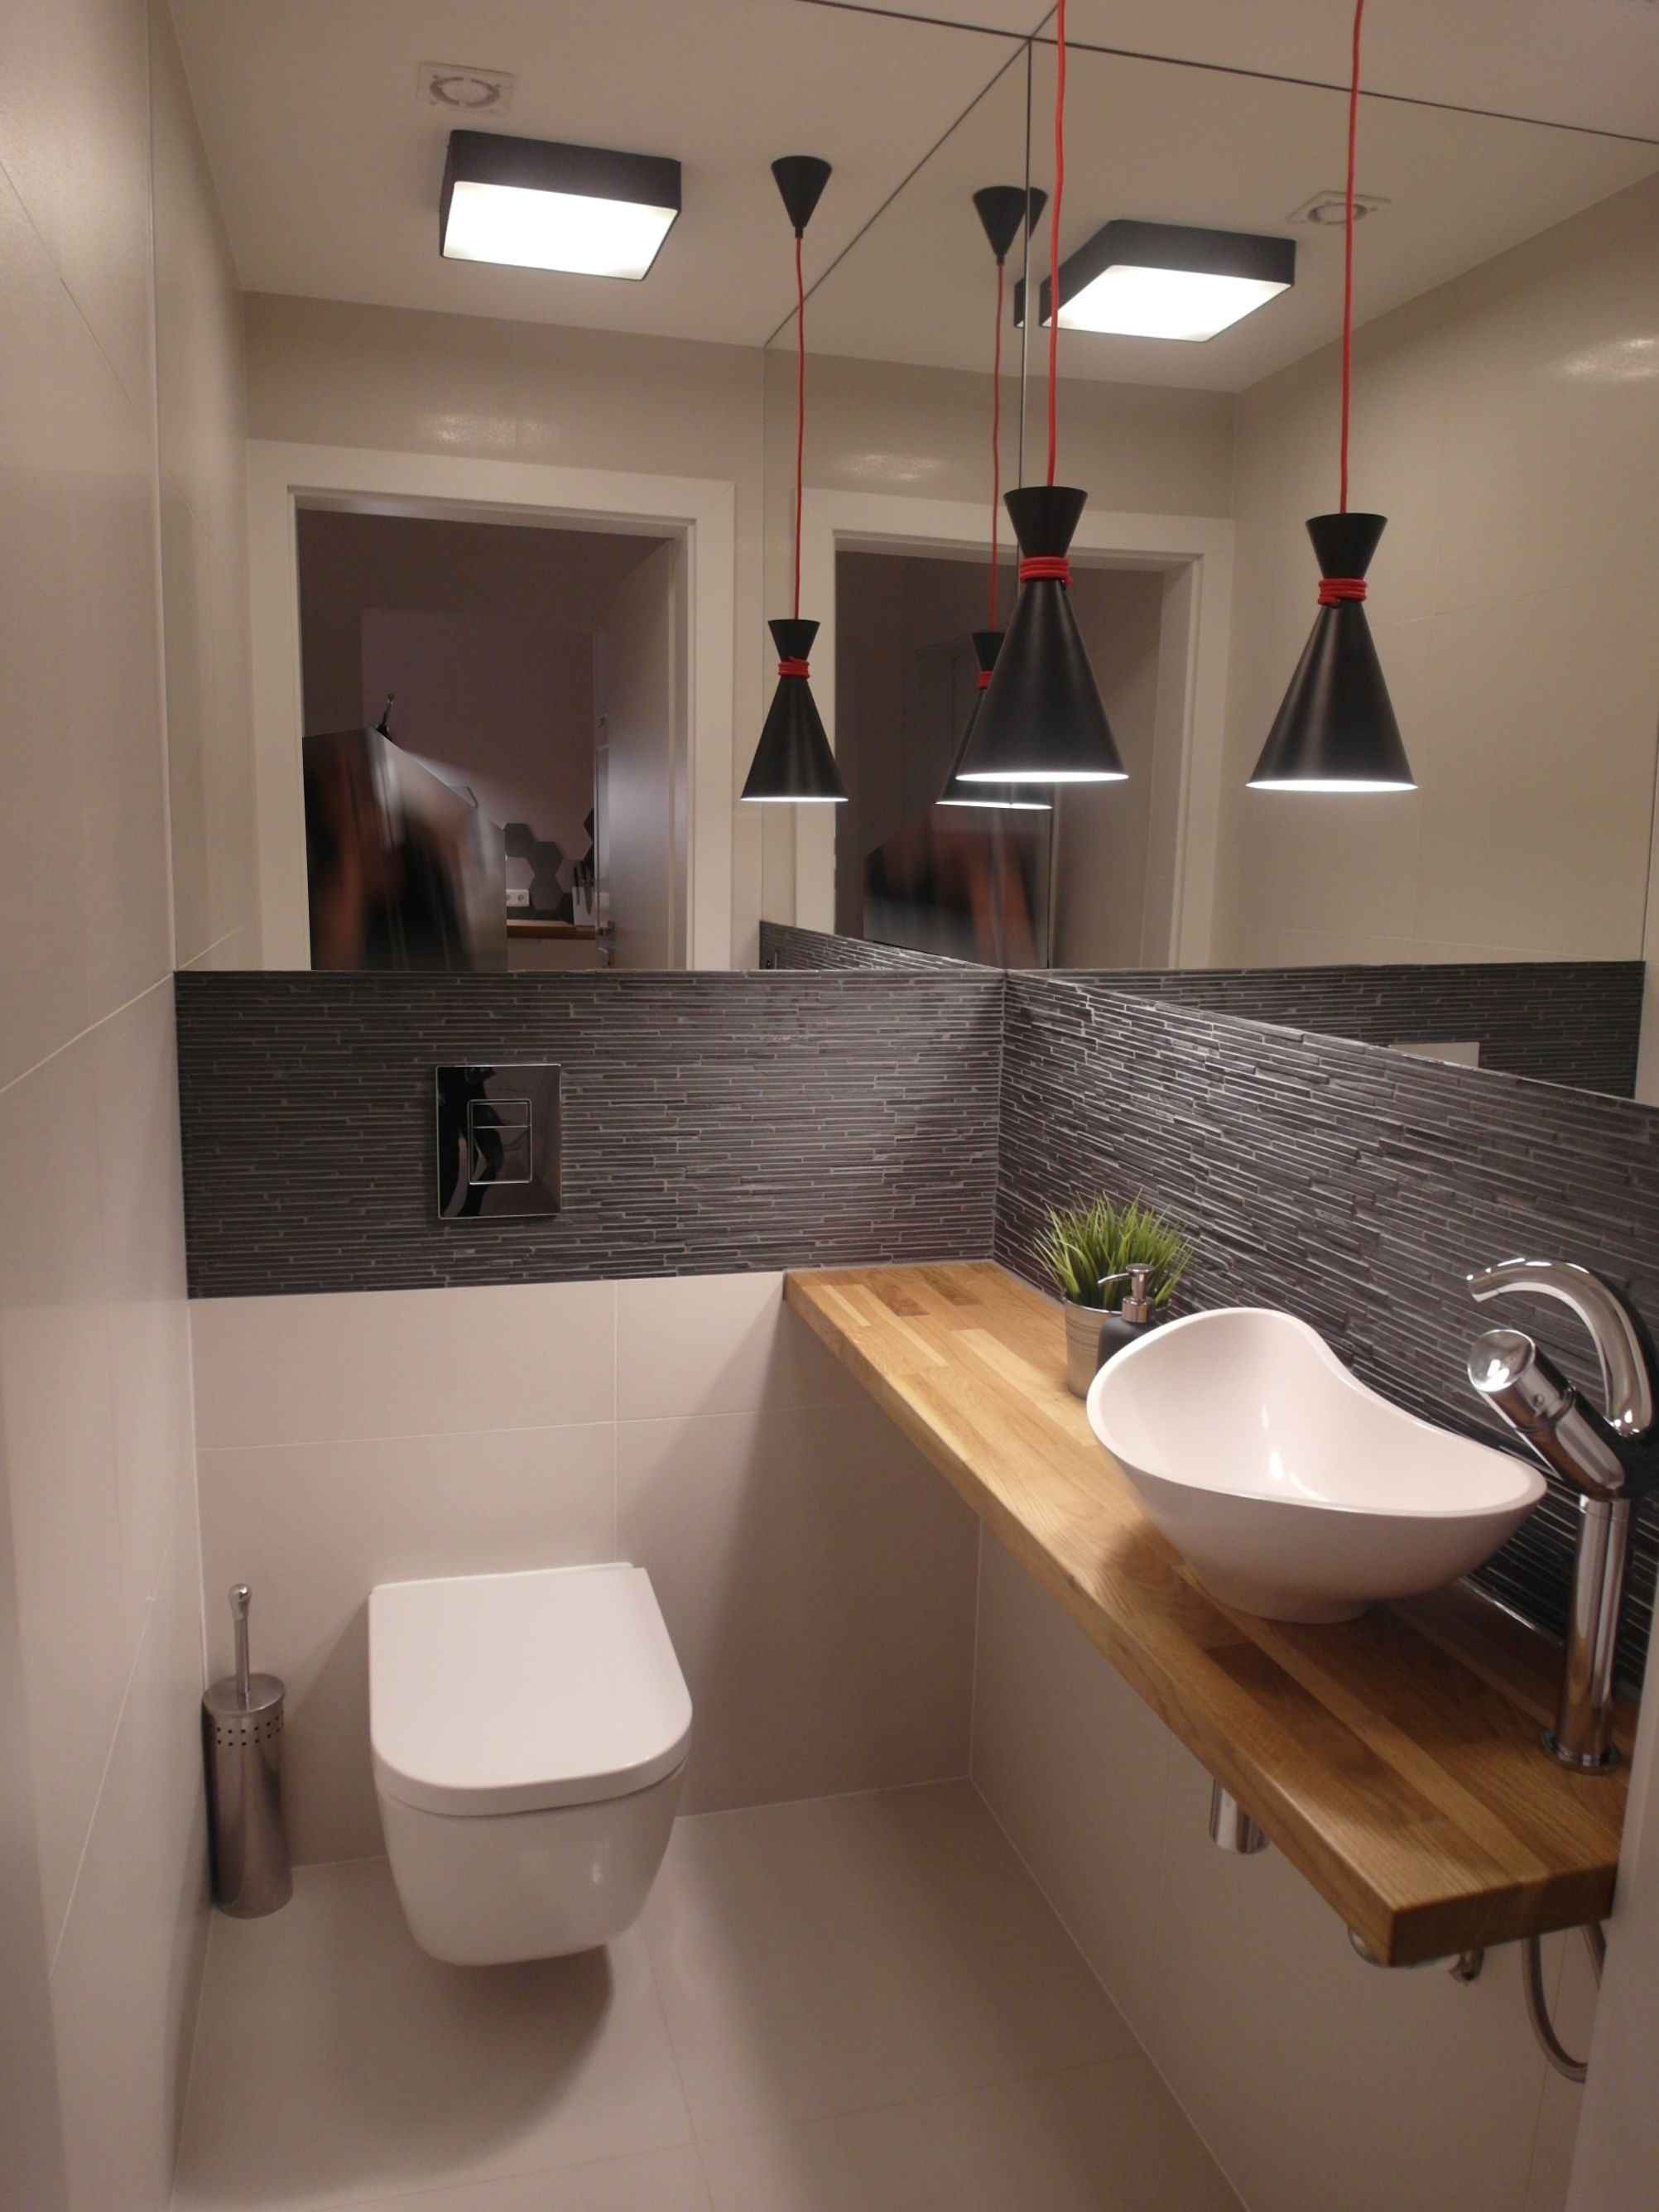 Toiletten deko  Bad, Gäste Toilette, modern, Wohnen, Hausbau | Wohnen/Hausbau ...